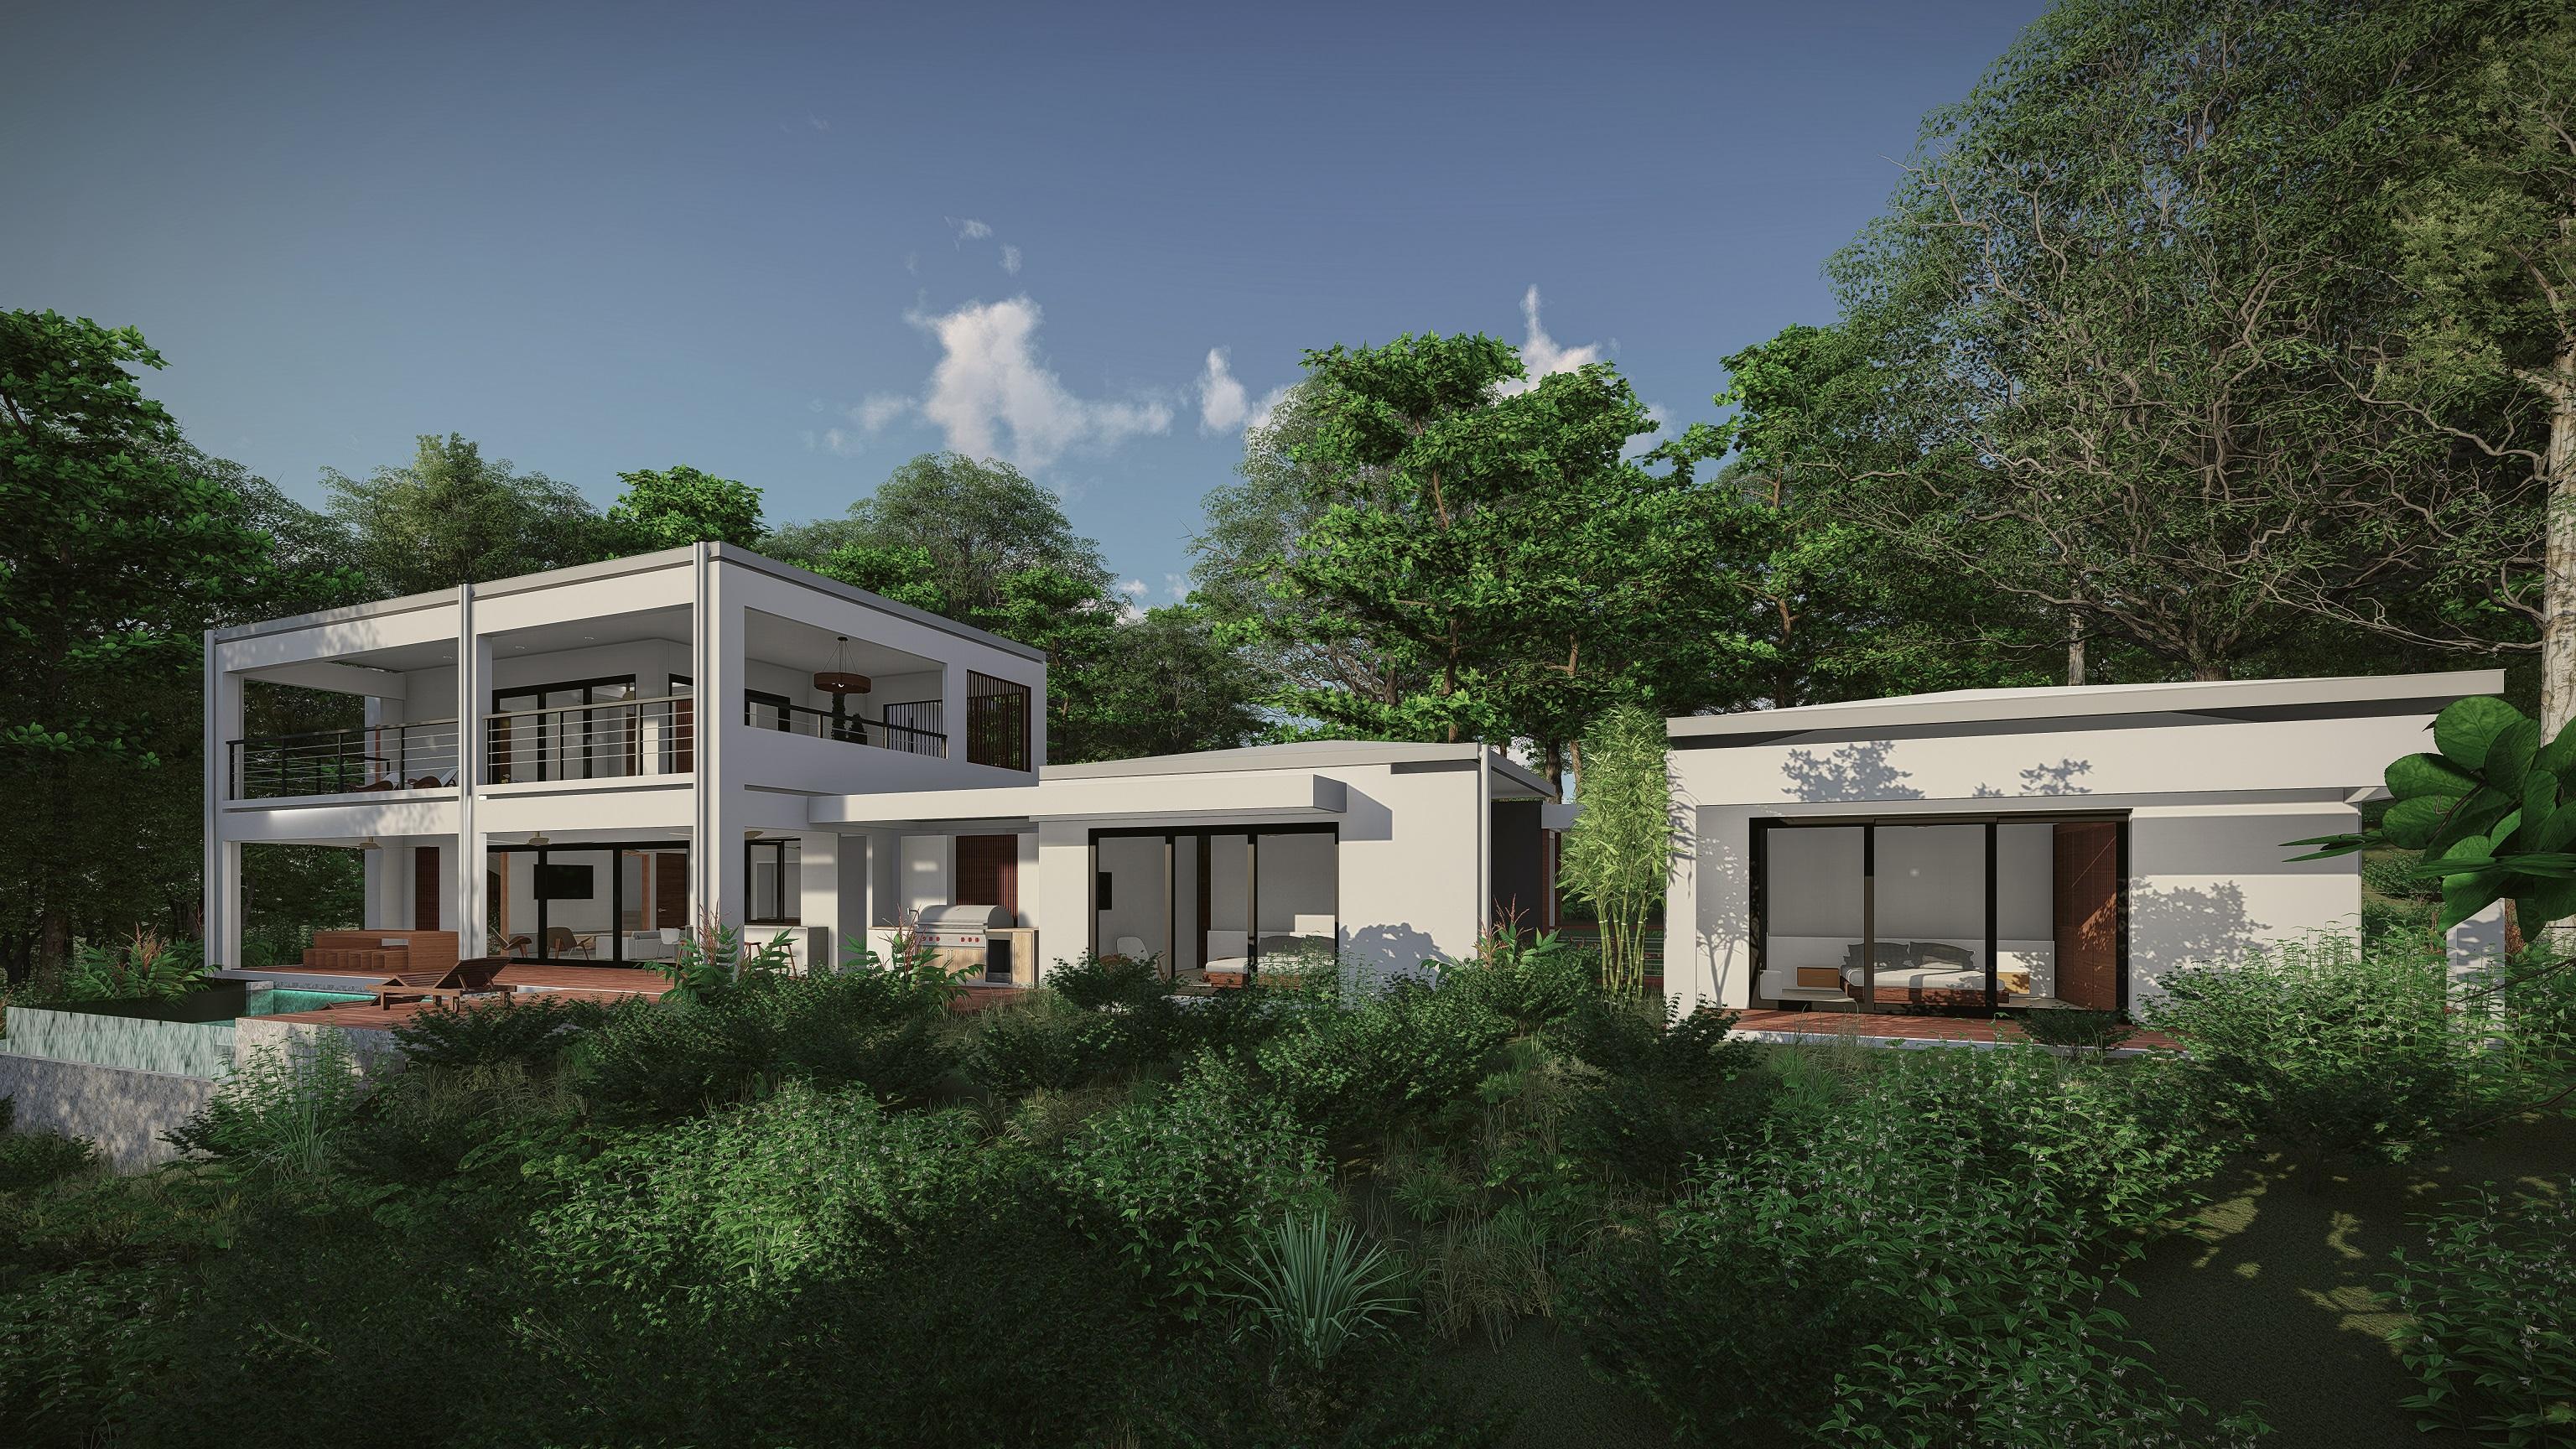 axiom costarica dulce pacifico model home development for sale uvita